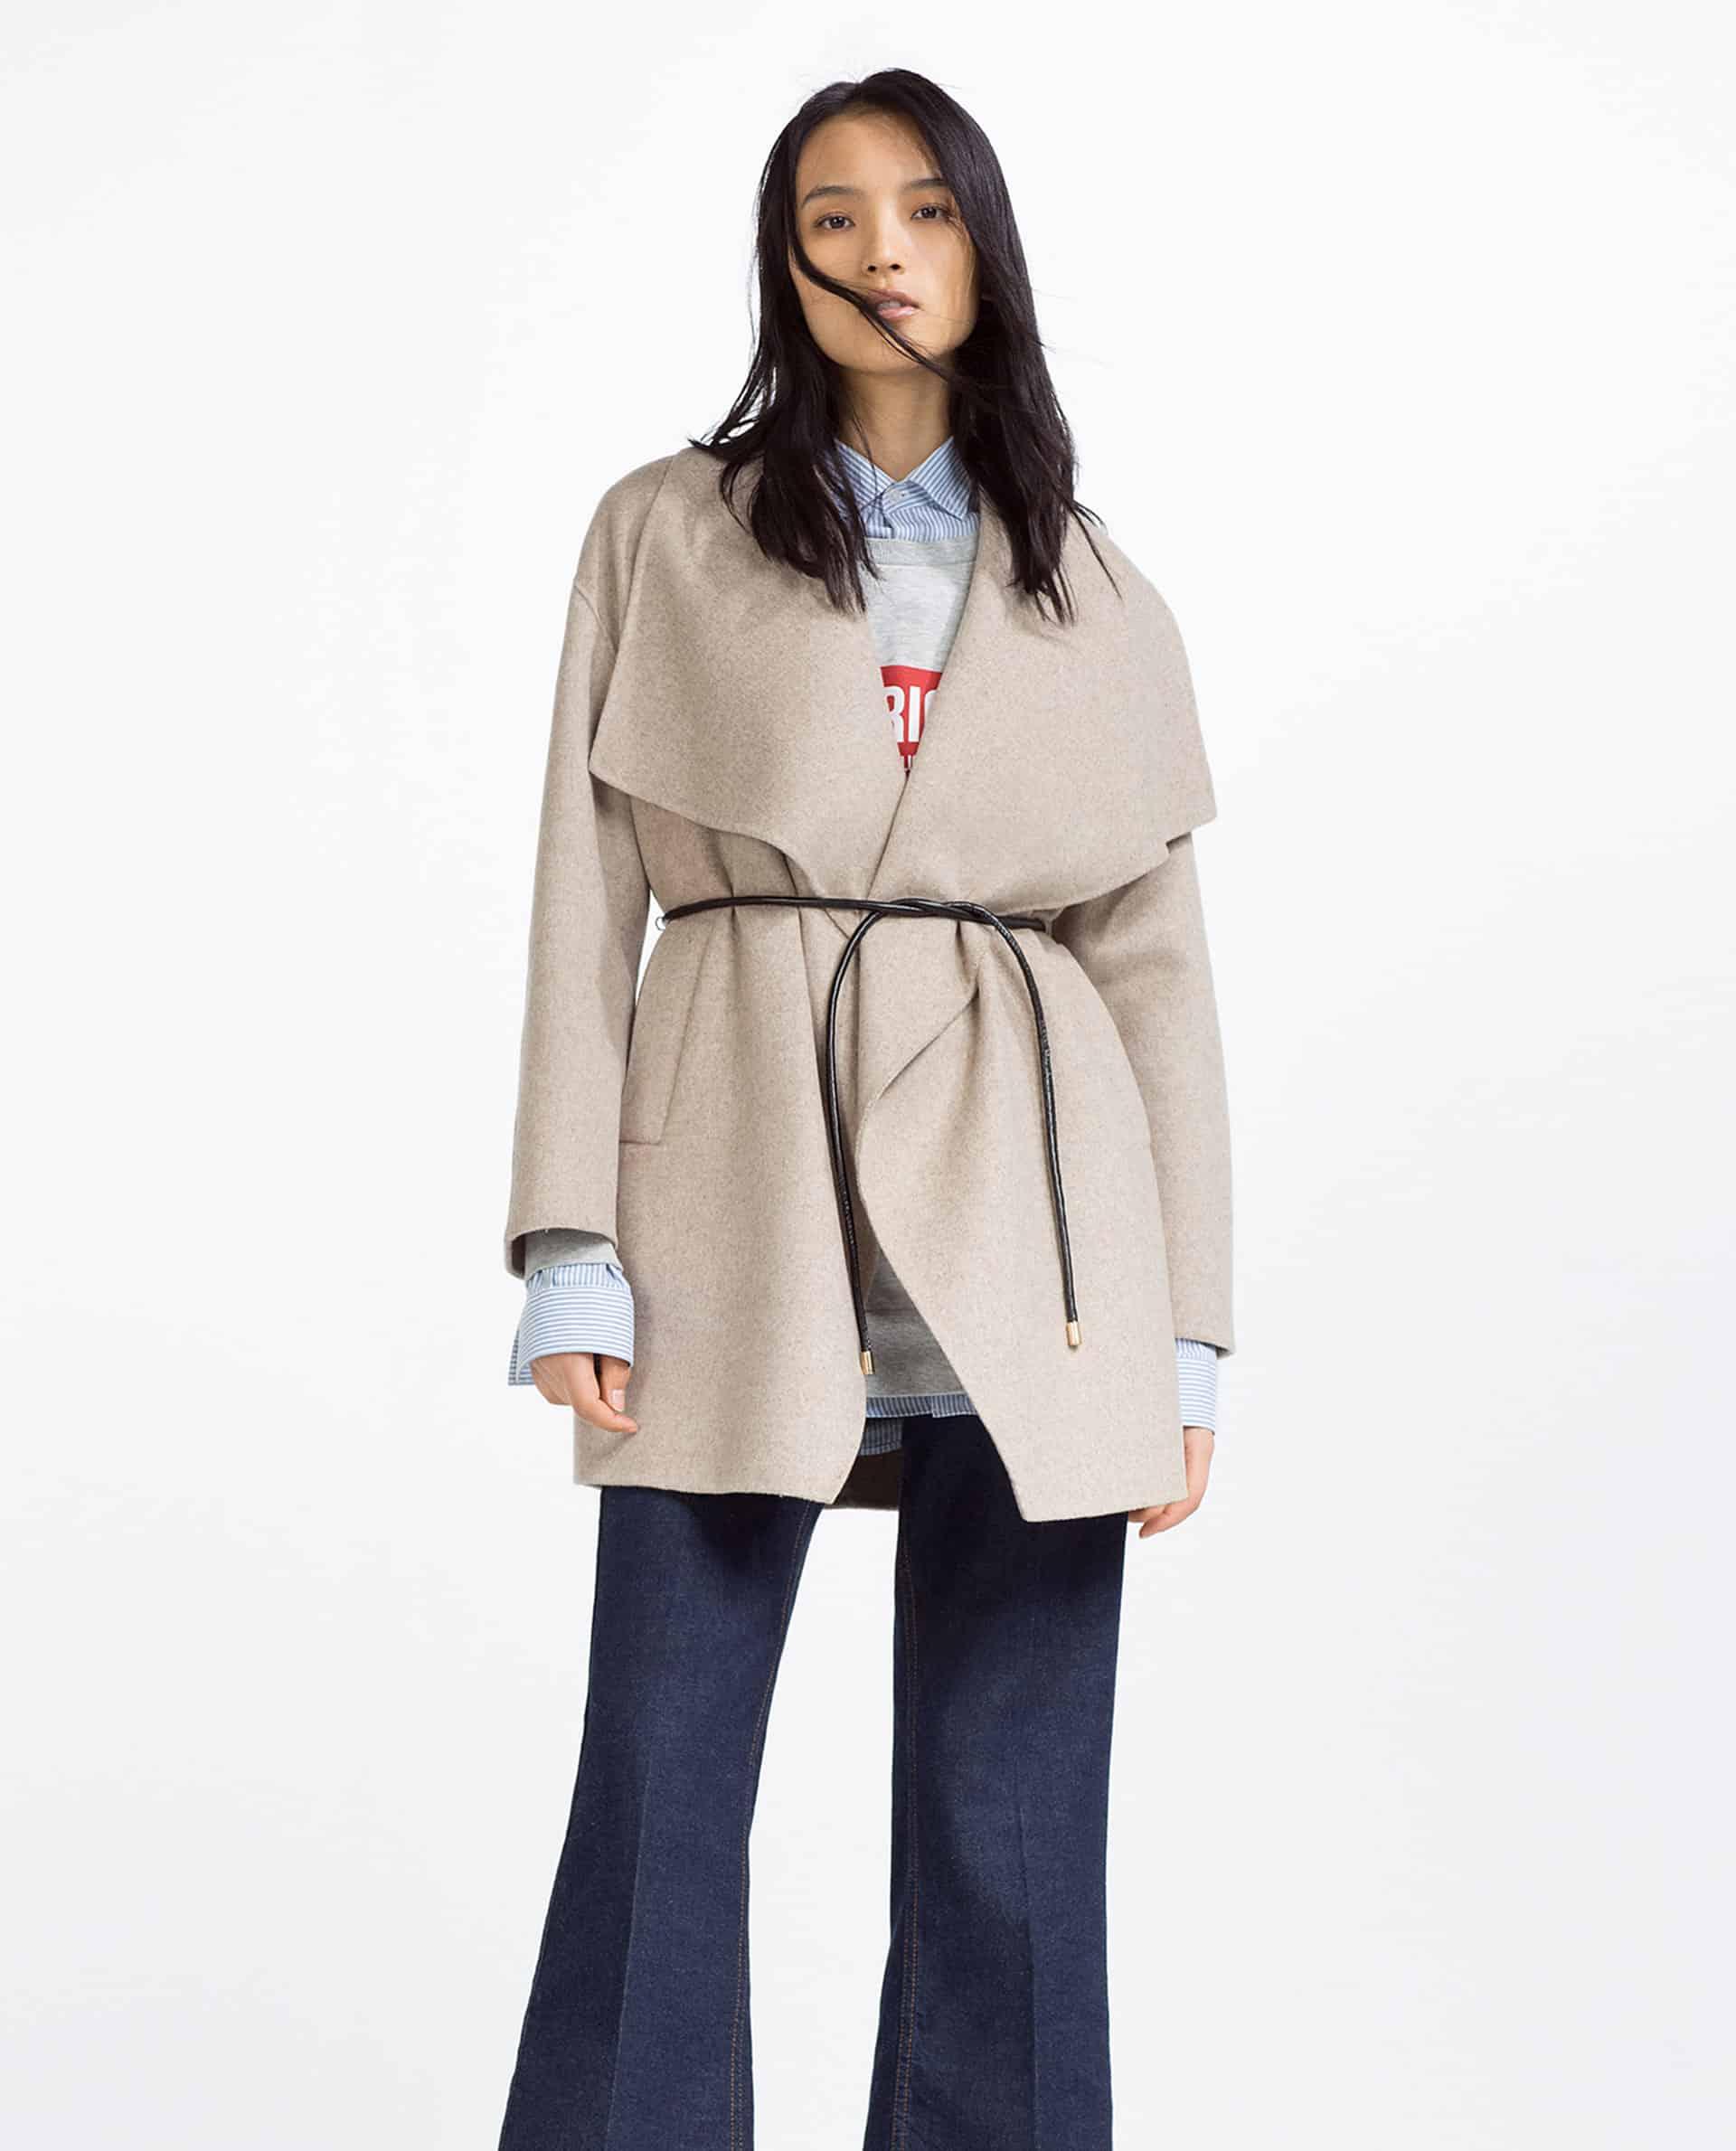 12 Zara catalogo PE 2016 anticipazioni